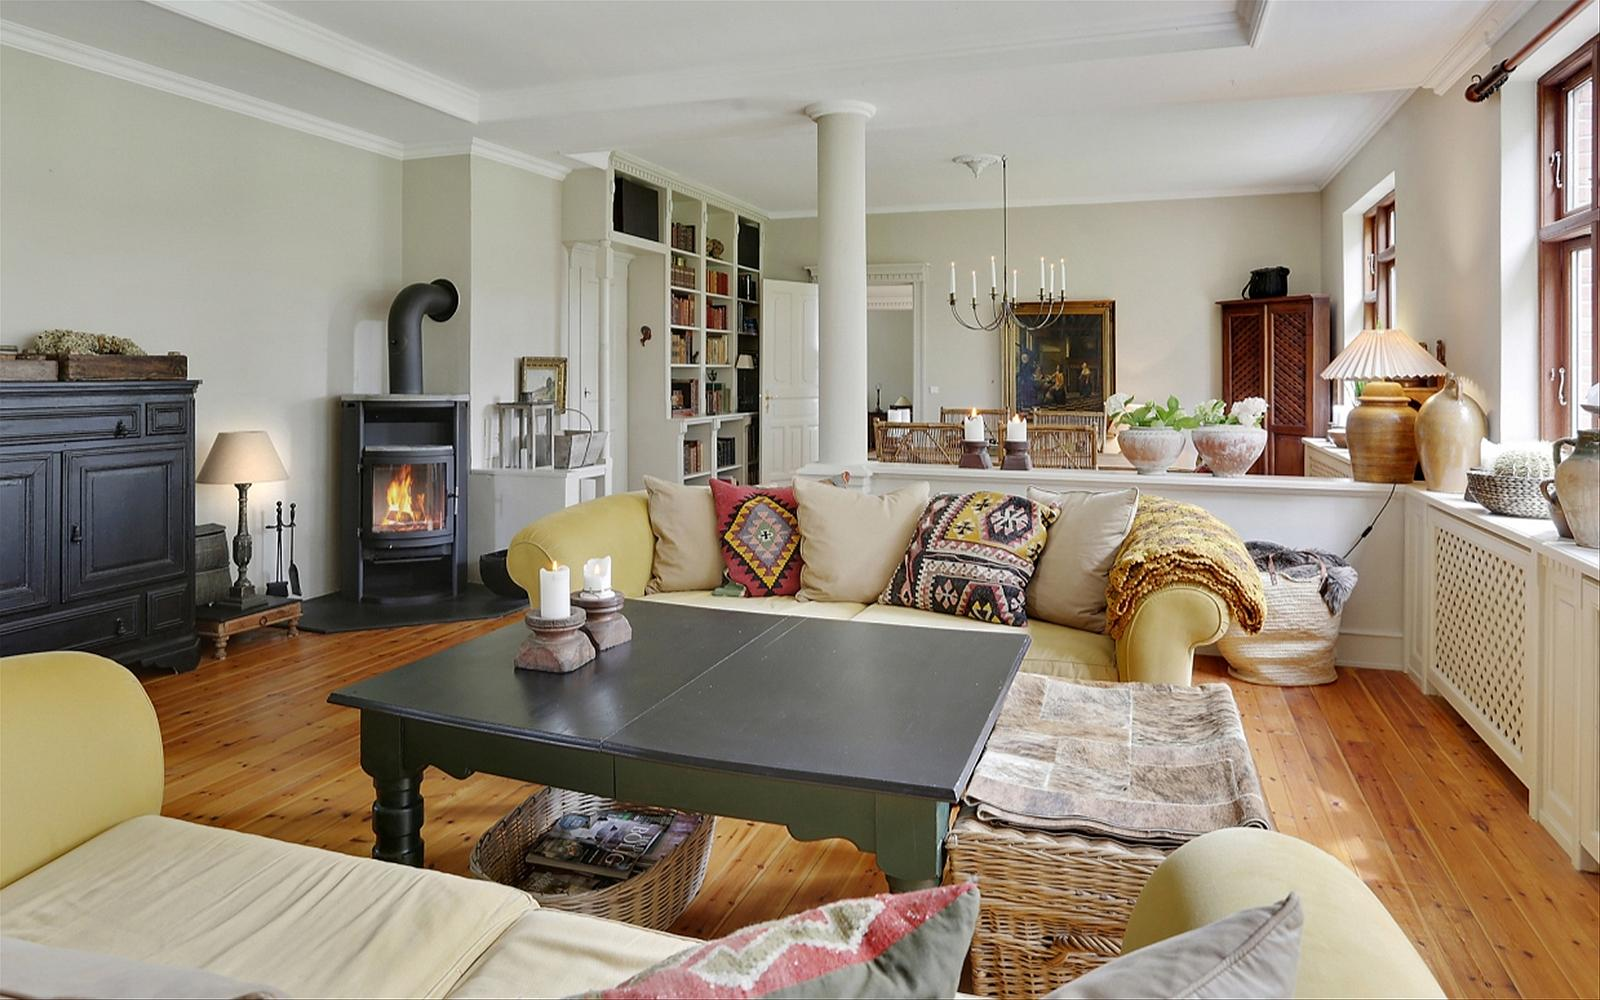 гостиная мягкая мебель диван подушки столик